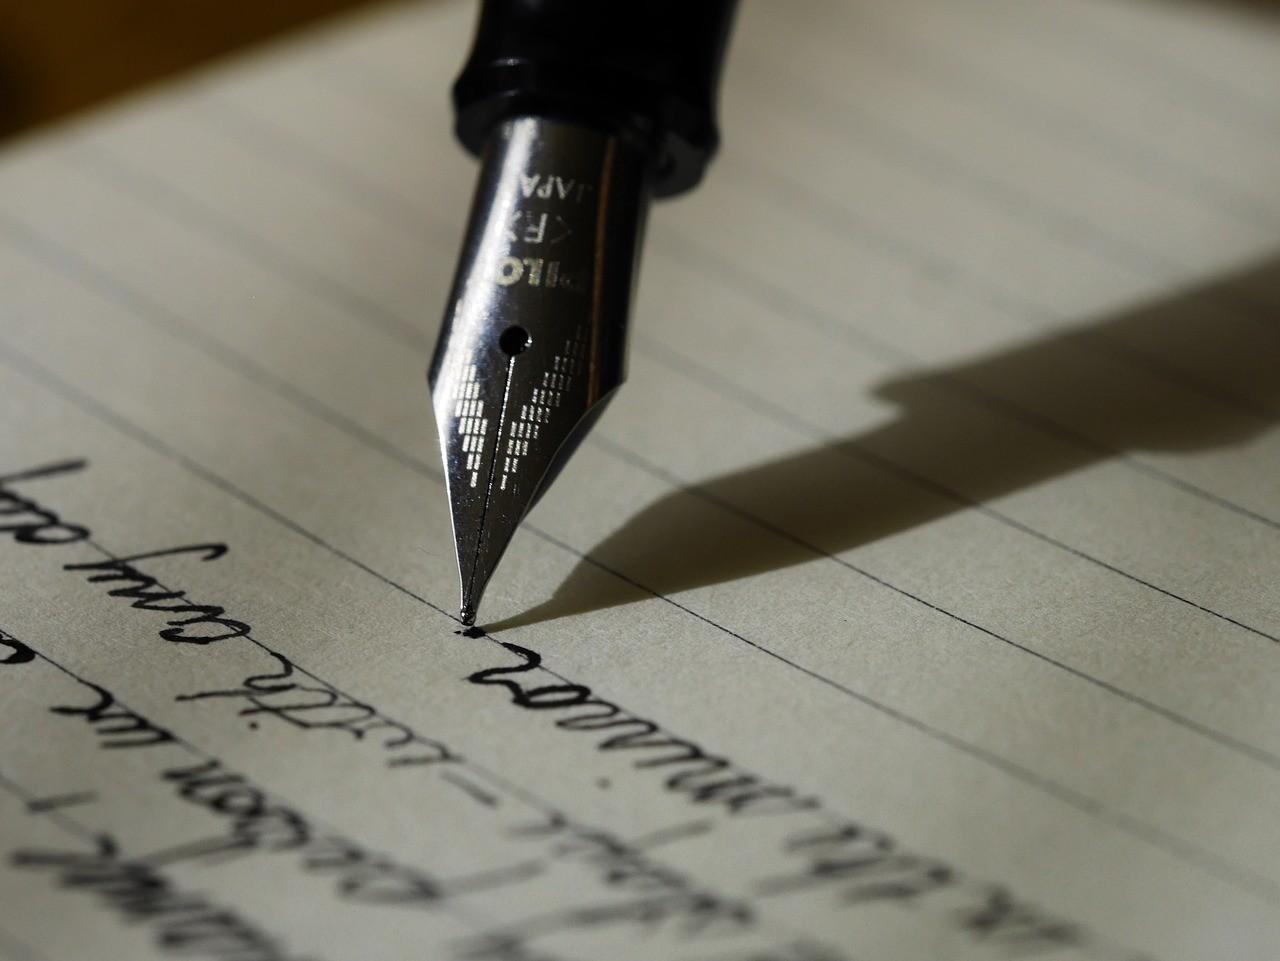 Qué es escritura? Definición, concepto y significado.